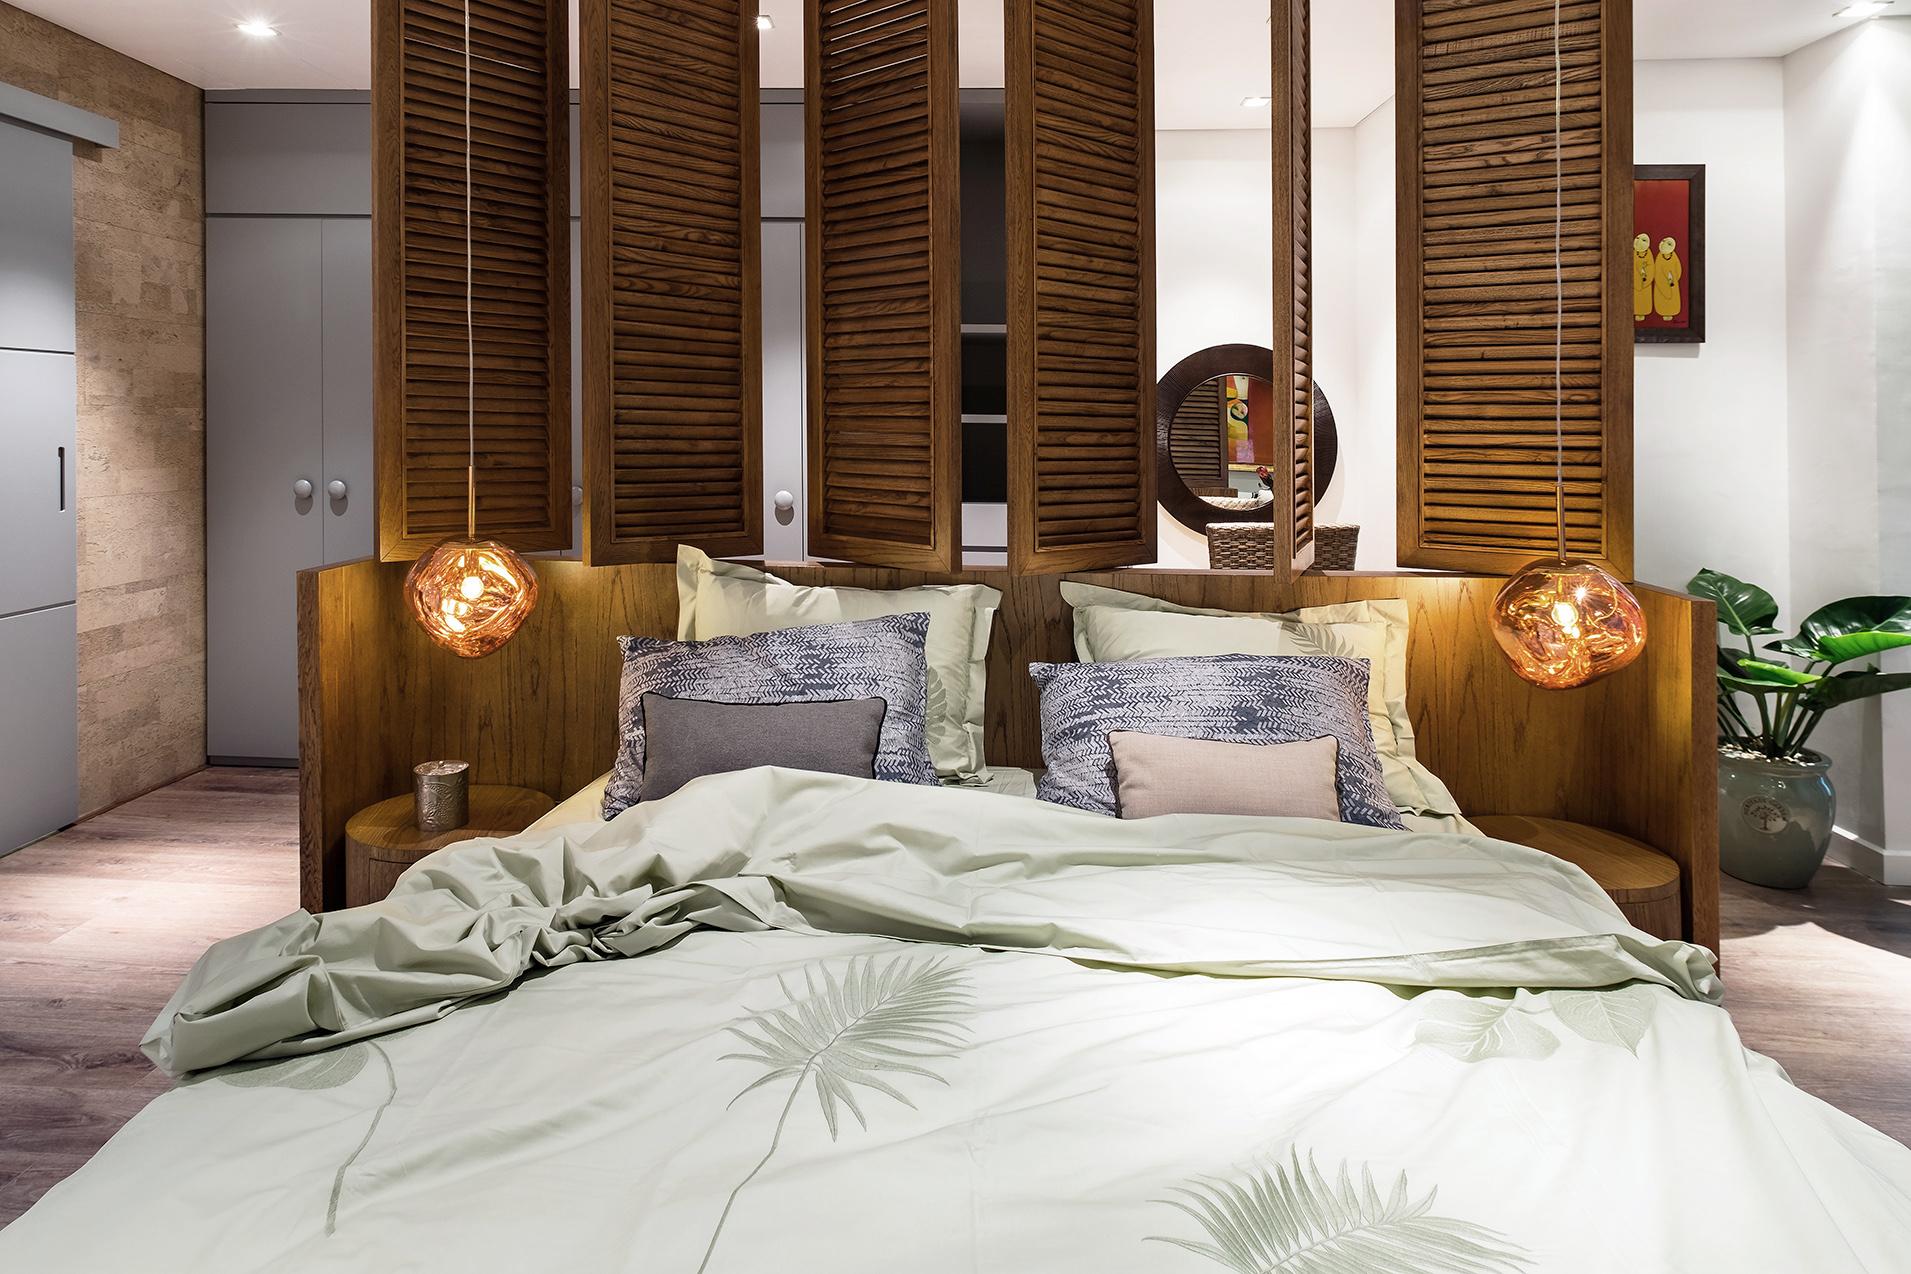 đồ nội thất tropical cho phòng ngủ